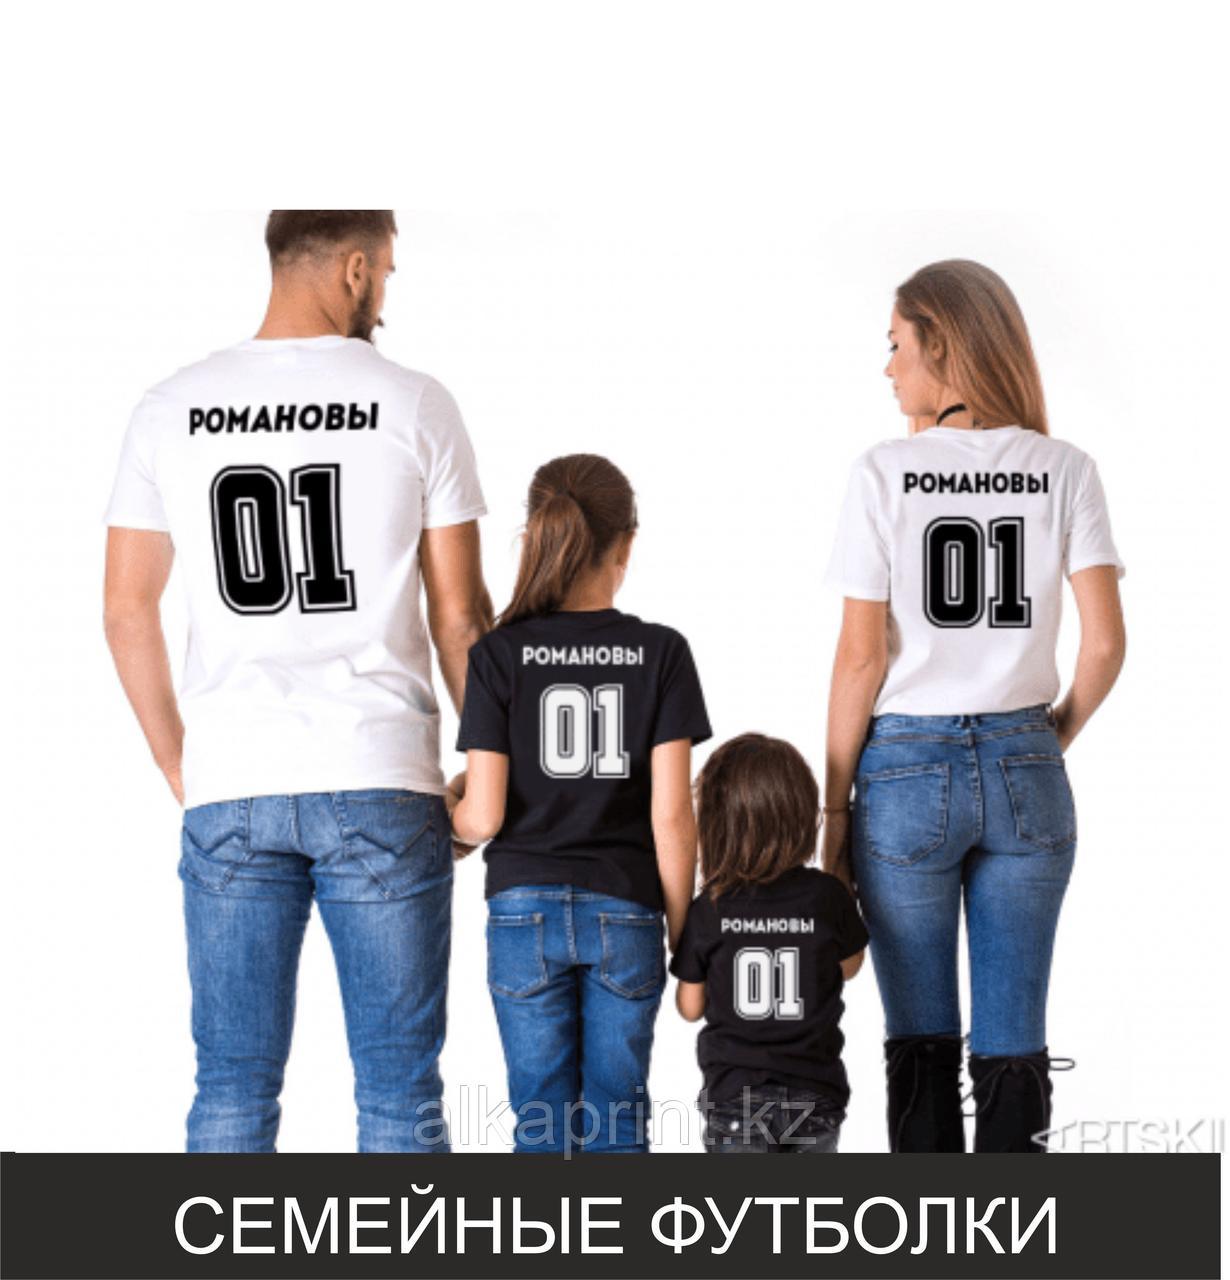 ИМЕННЫЕ ФУТБОЛКИ, СЕМЕЙНЫЕ, ПАРНЫЕ ФУТБОЛКИ. - фото 3